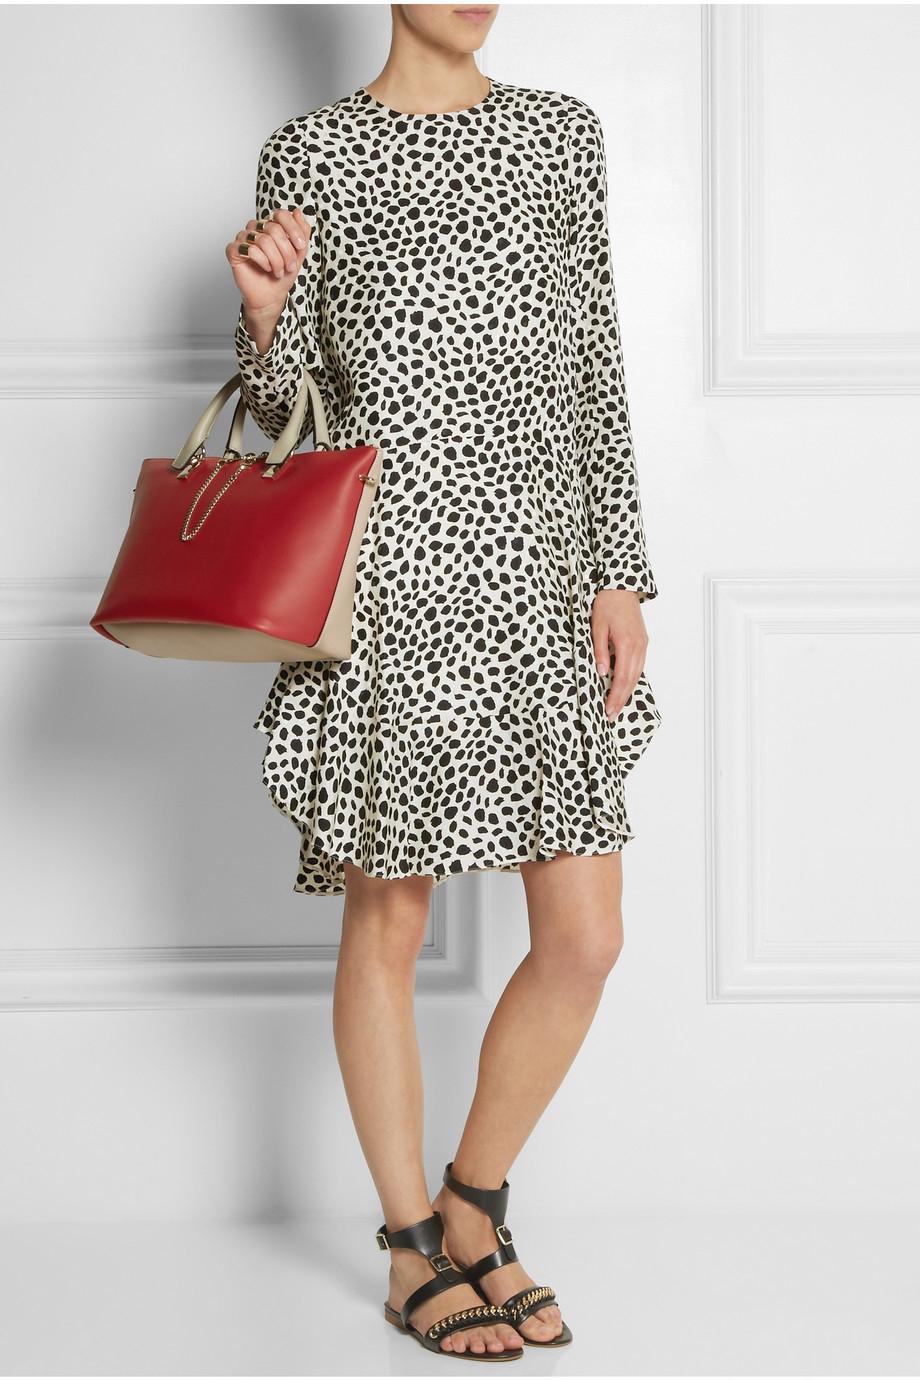 replica bags chloe - chloe bicolor baylee satchel leather medium, chloe marcie gray